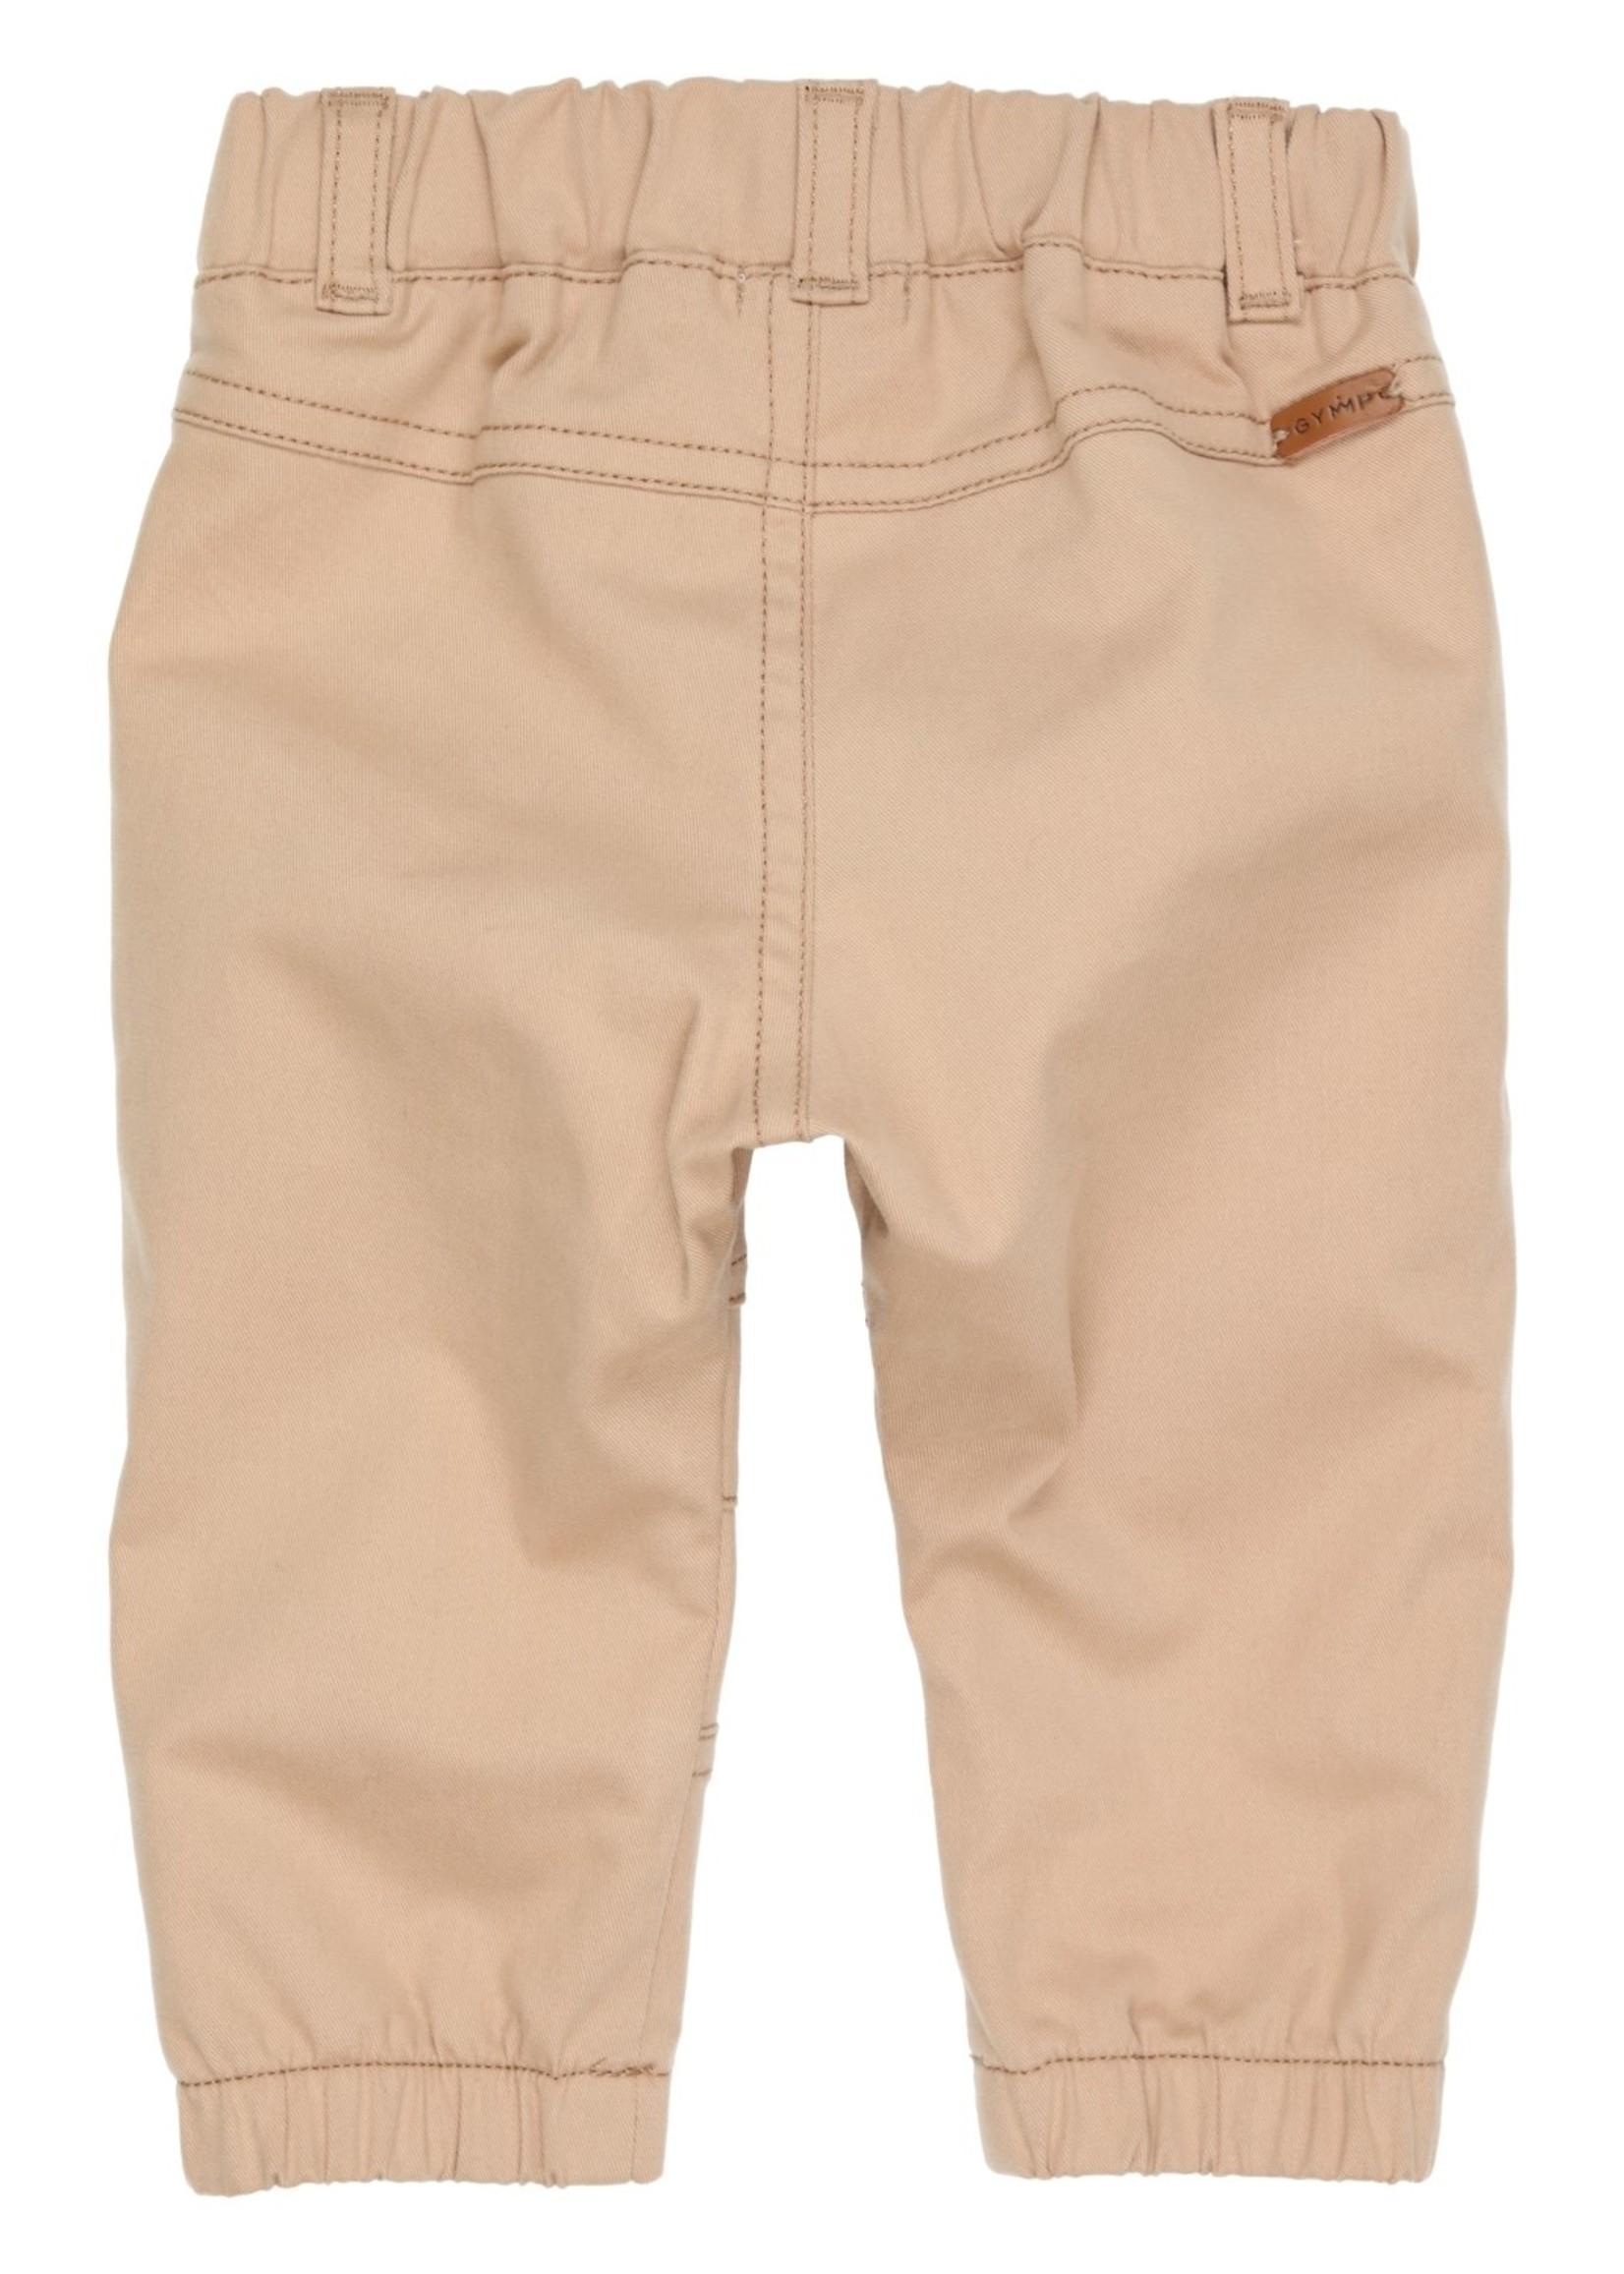 Gymp Gymp pants elastic legborder beige